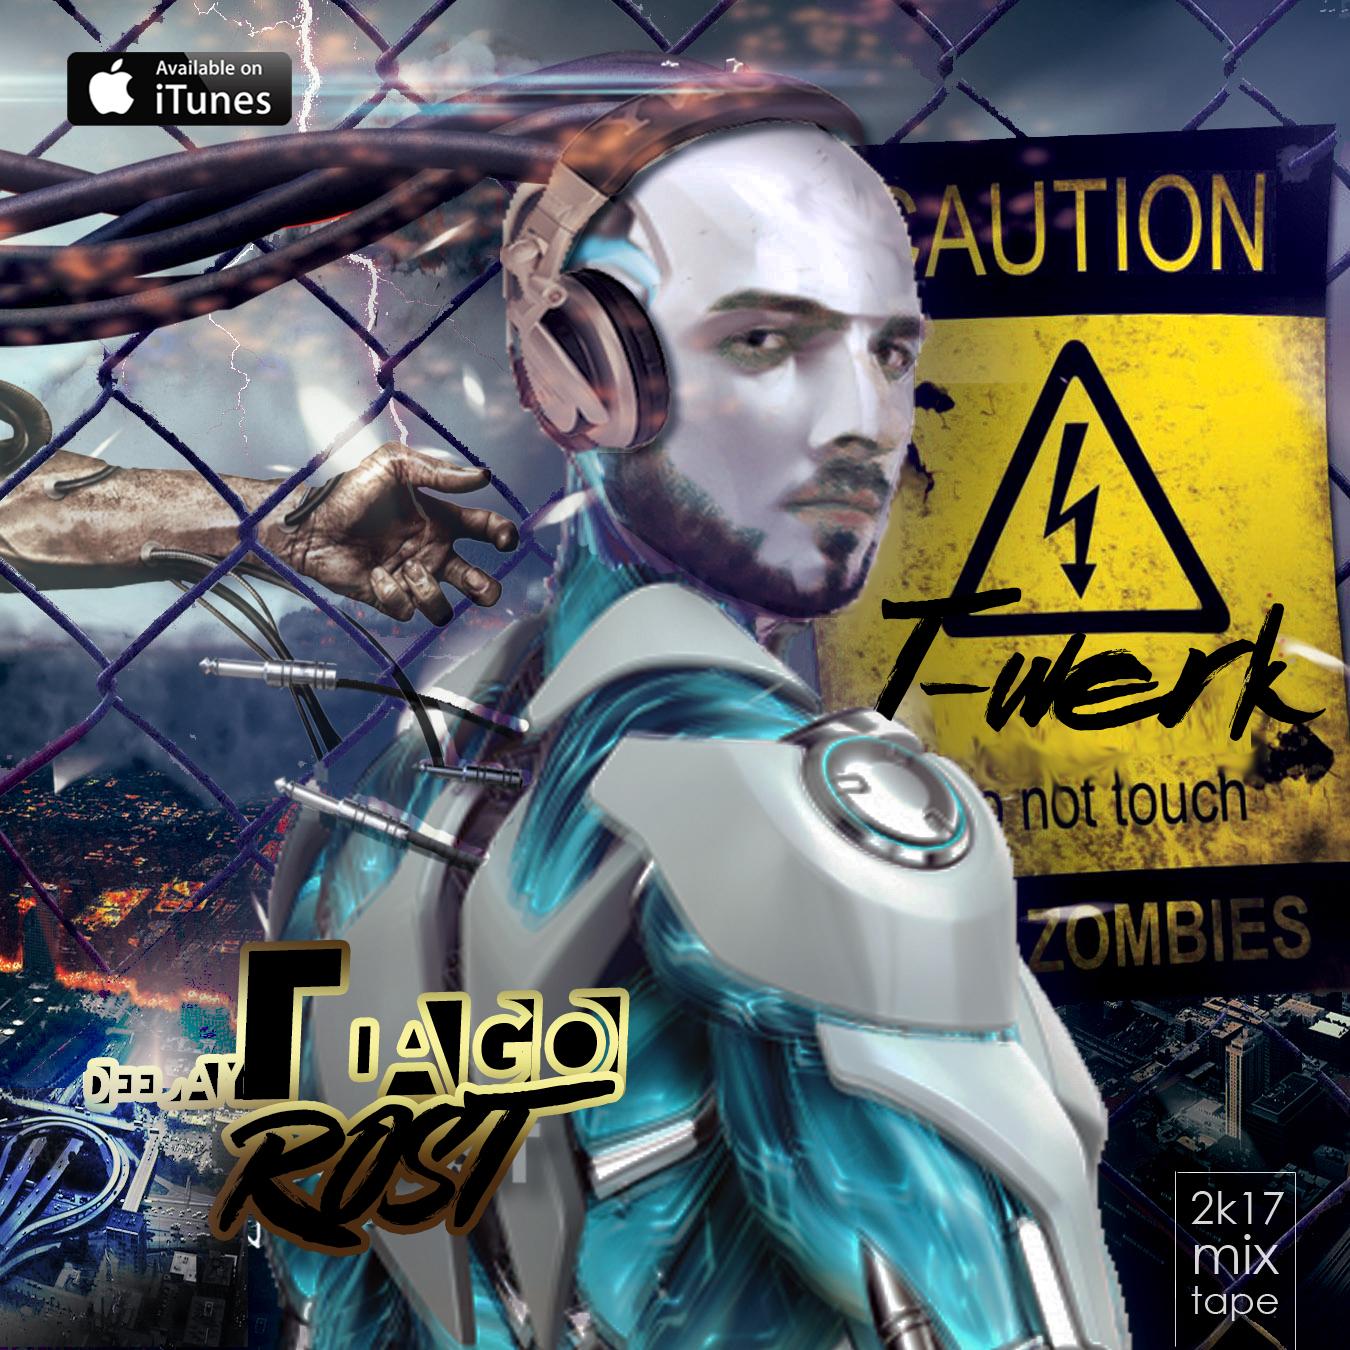 DJ Tiago Rost - TWERK (Special 2k17 Mixtape)